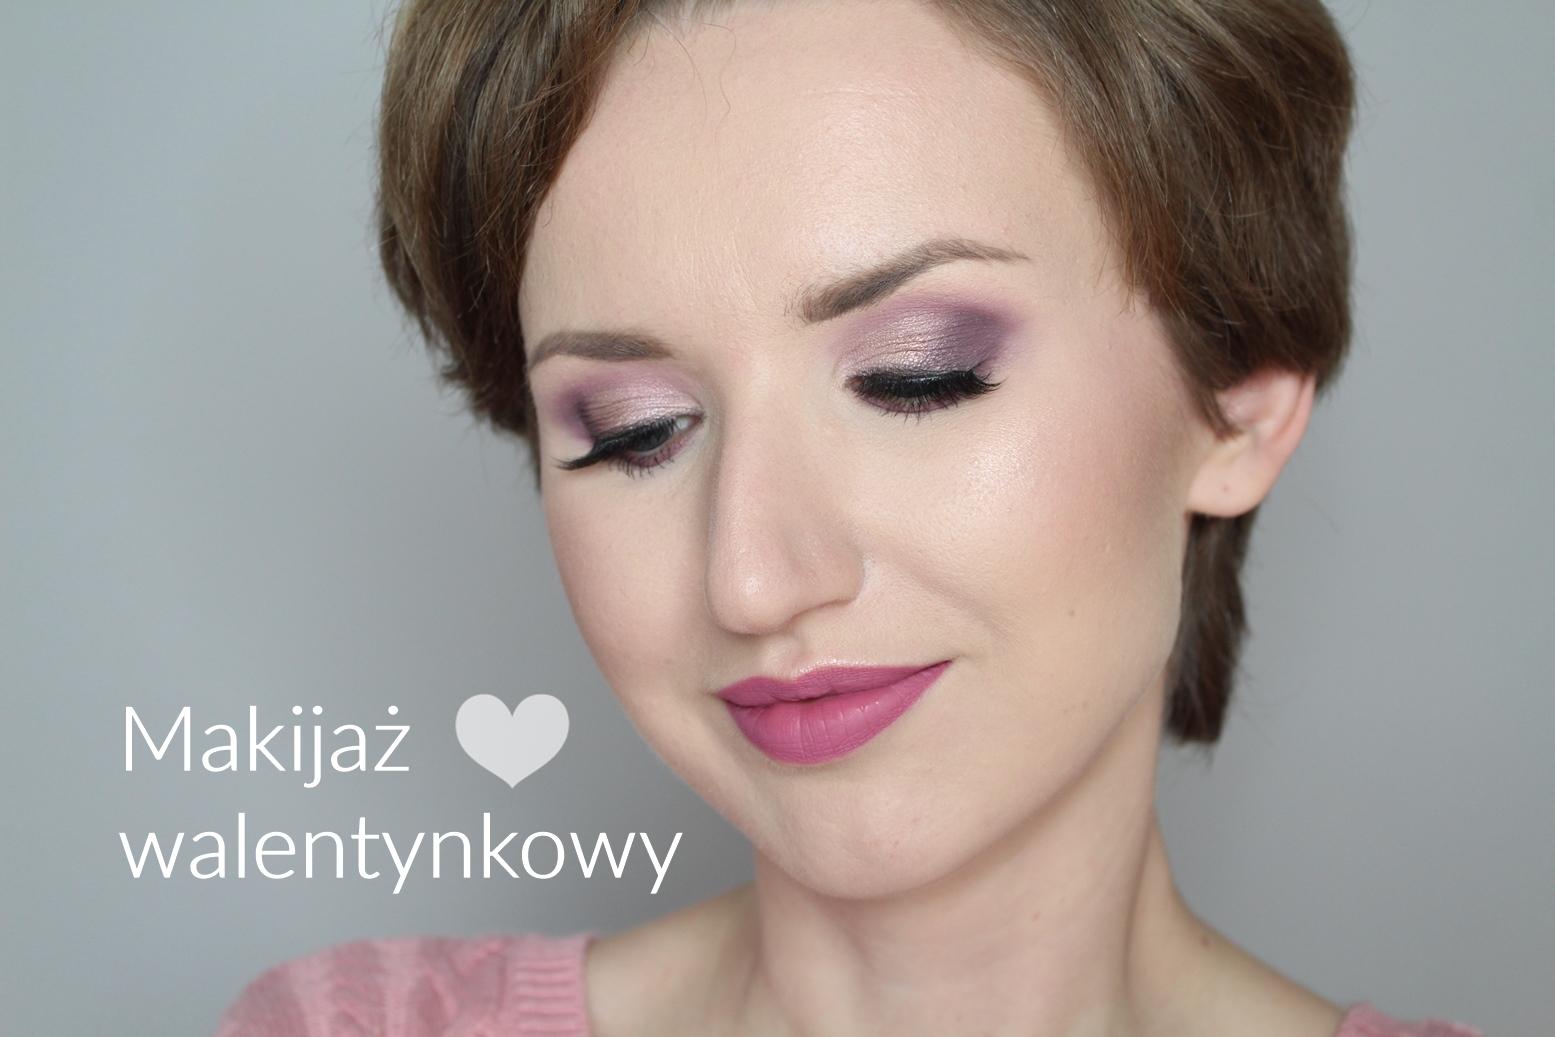 makijaż-walentynkowy-walentynki-makeup-valentines-day